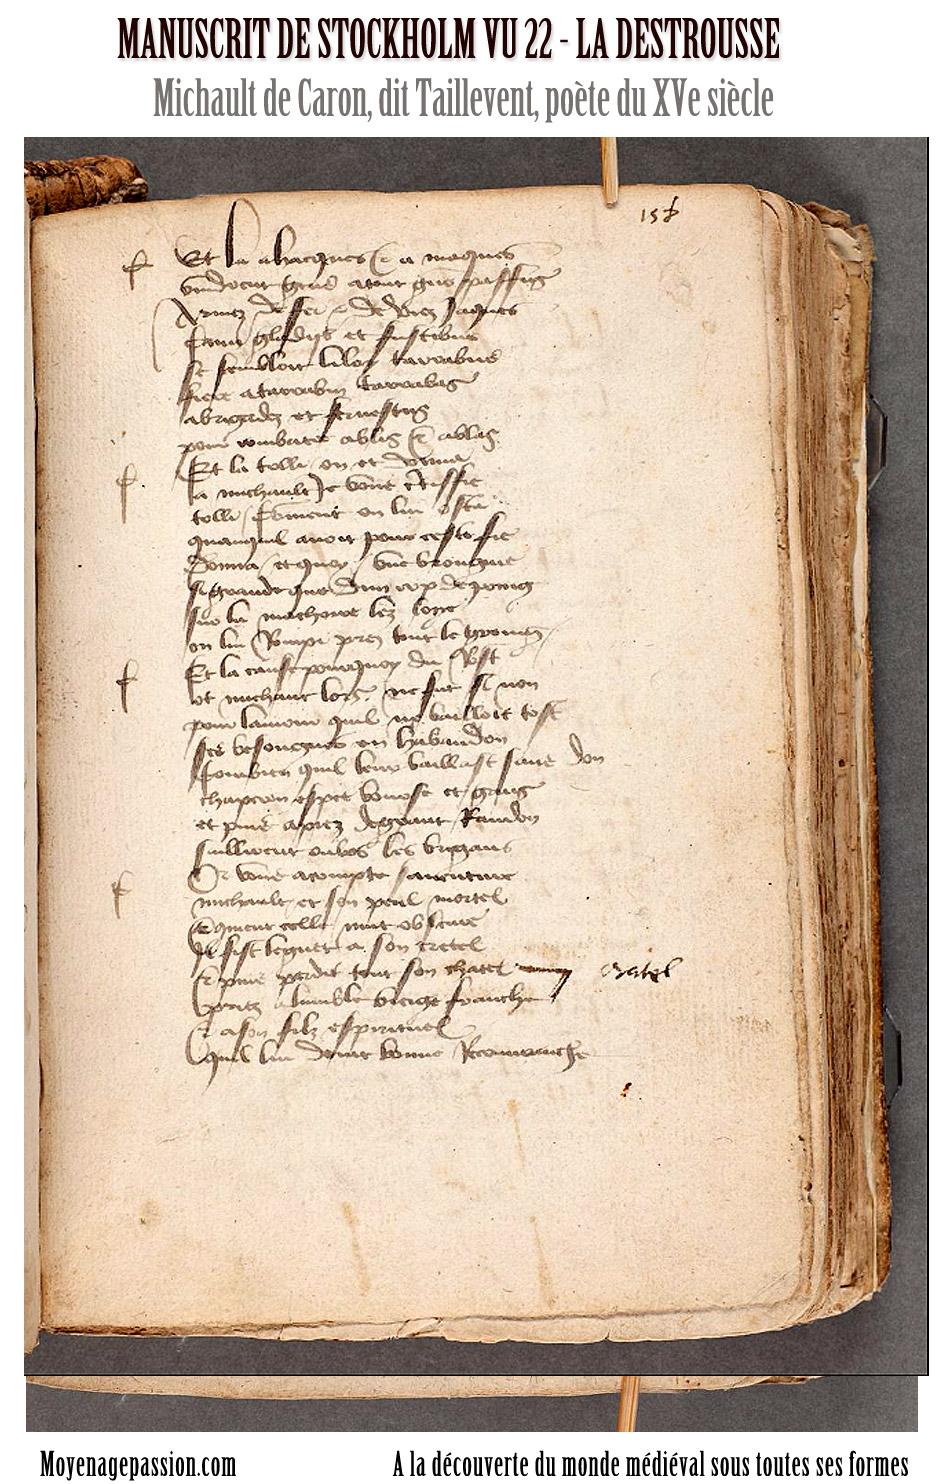 manuscrit_ancien_stockholm_poesie_medievale_michault_taillevent_la_destrousse_XVe_moyen-age_tardif